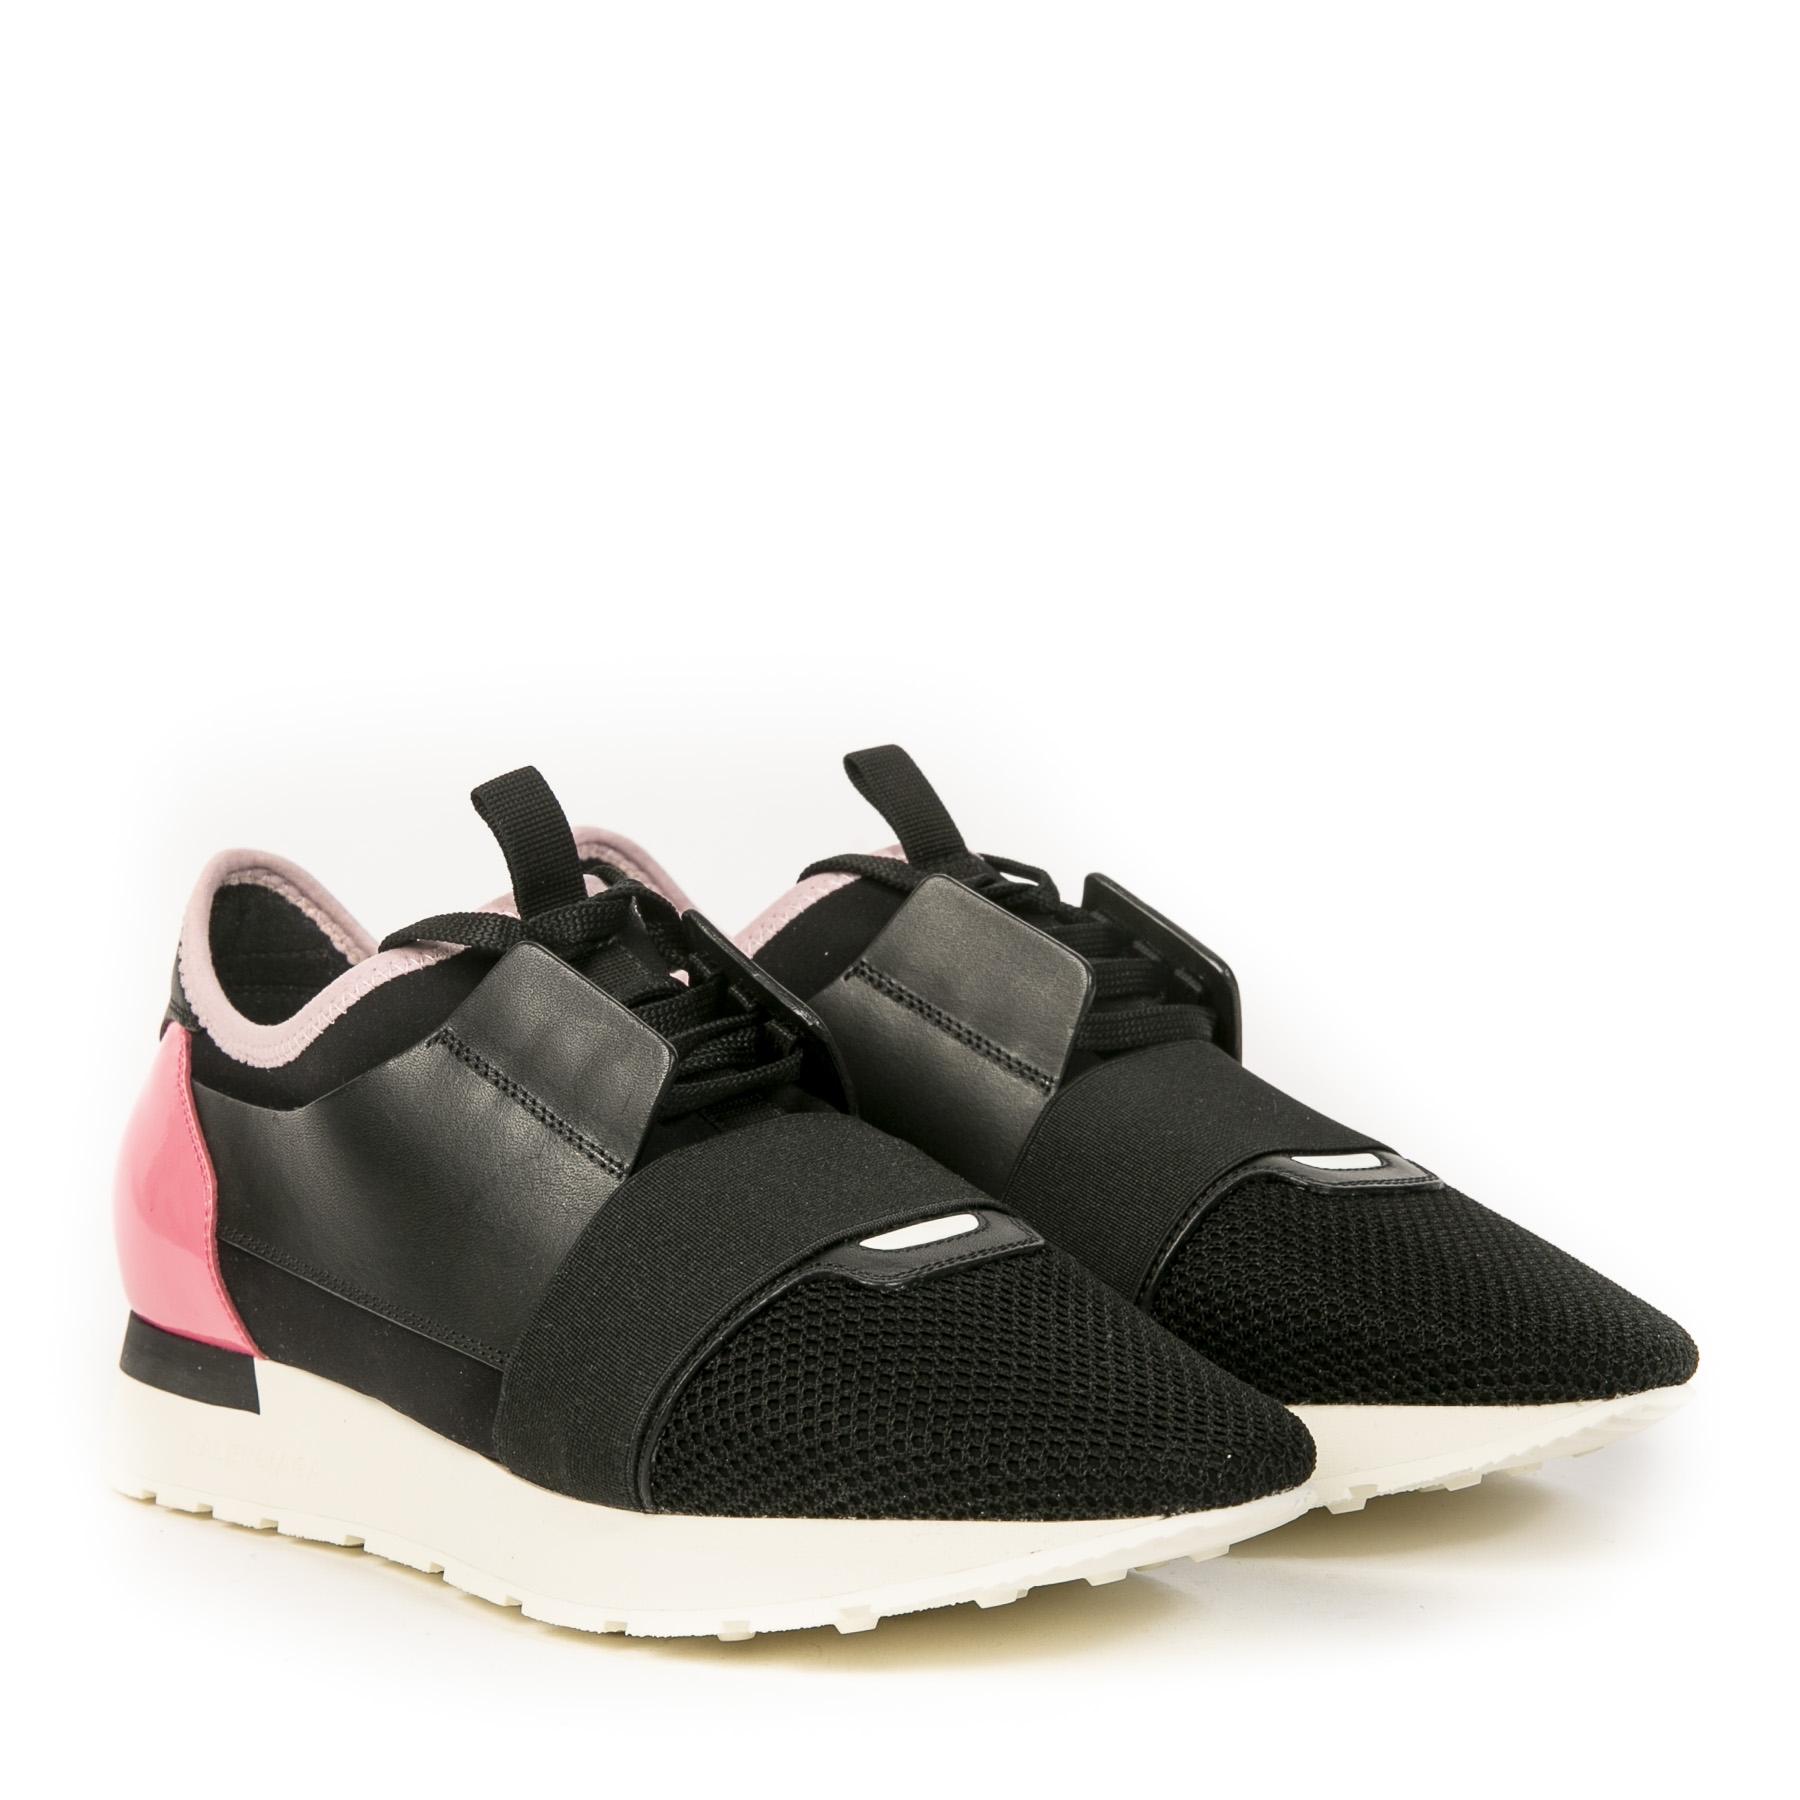 Authentieke Tweedehands Balenciaga Black & Pink Race Runner Sneakers juiste prijs veilig online shoppen luxe merken webshop winkelen Antwerpen België mode fashion